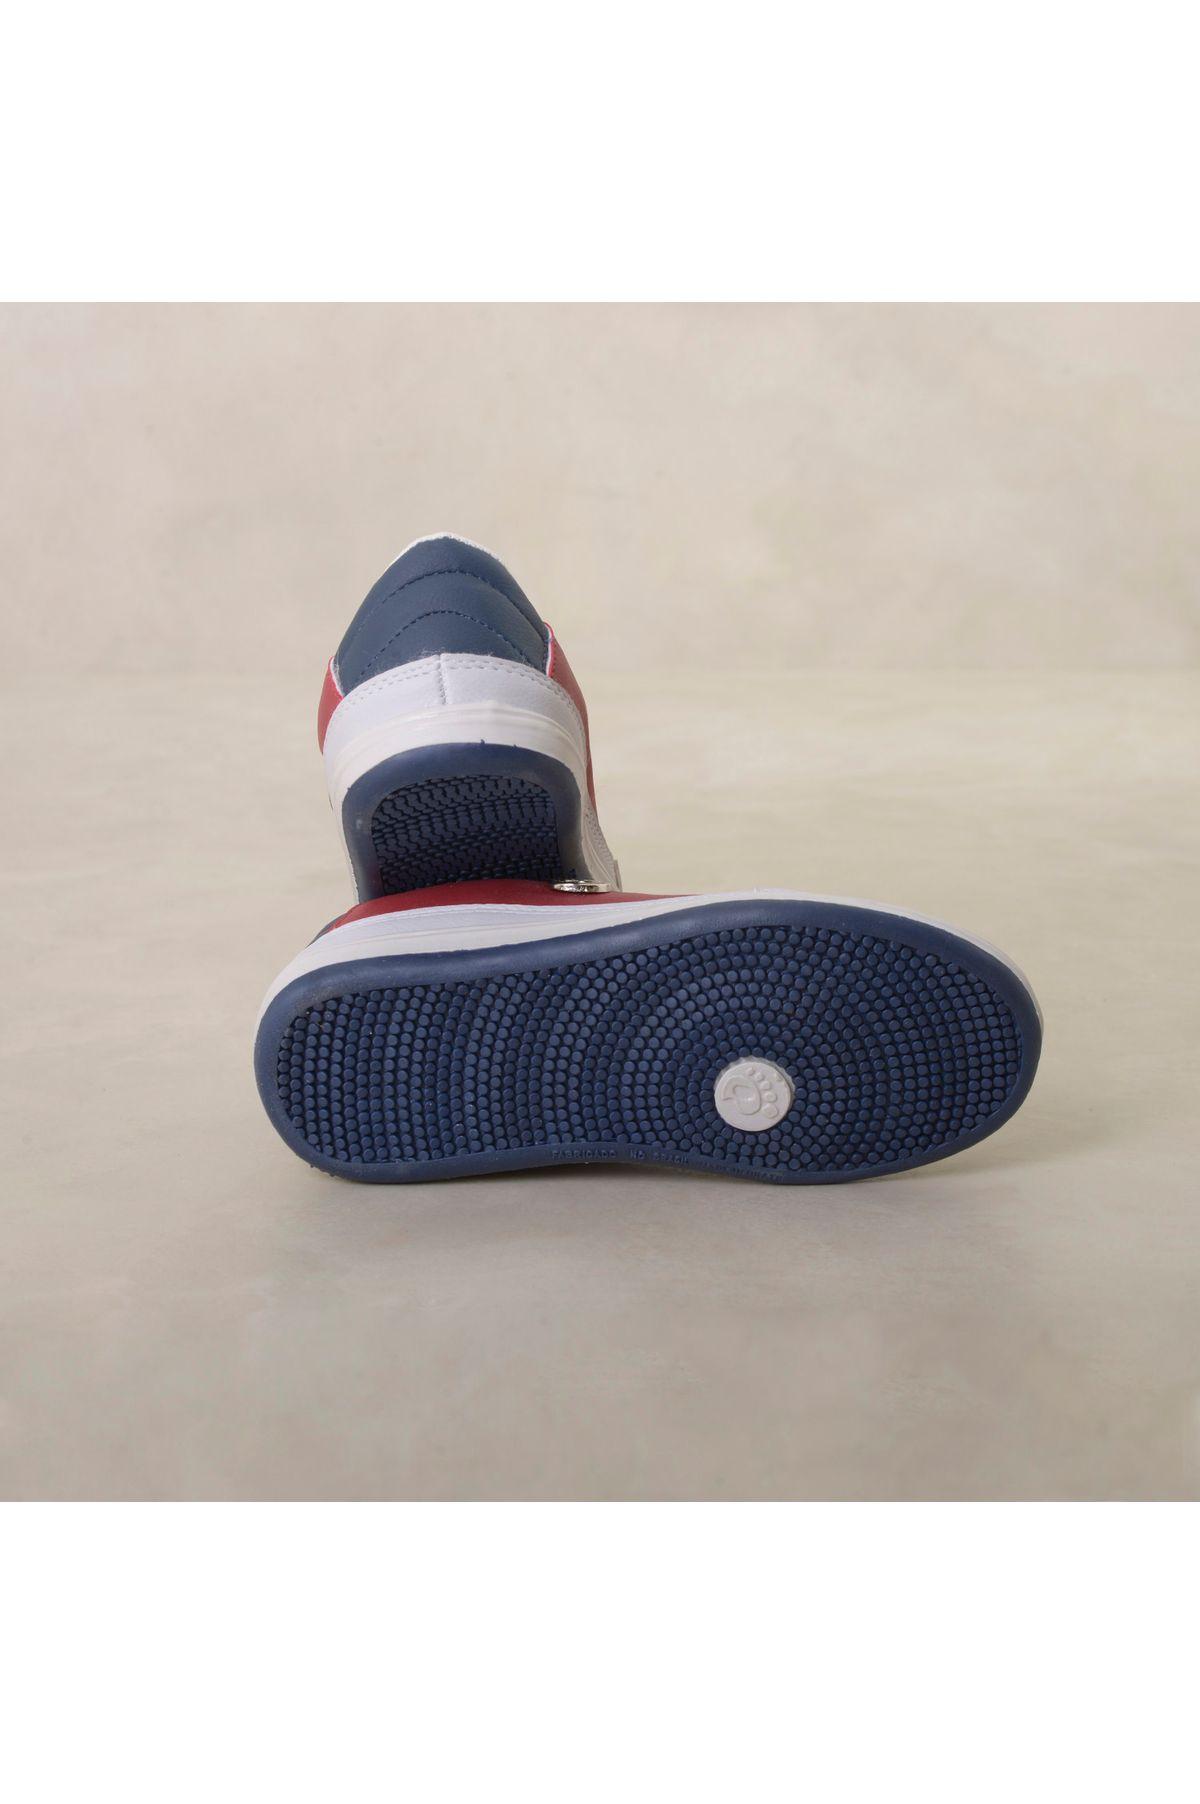 c7e2b5277 Sapatênis Infantil Ortopasso Ice  Fit Mundial Calçados - Mundial ...